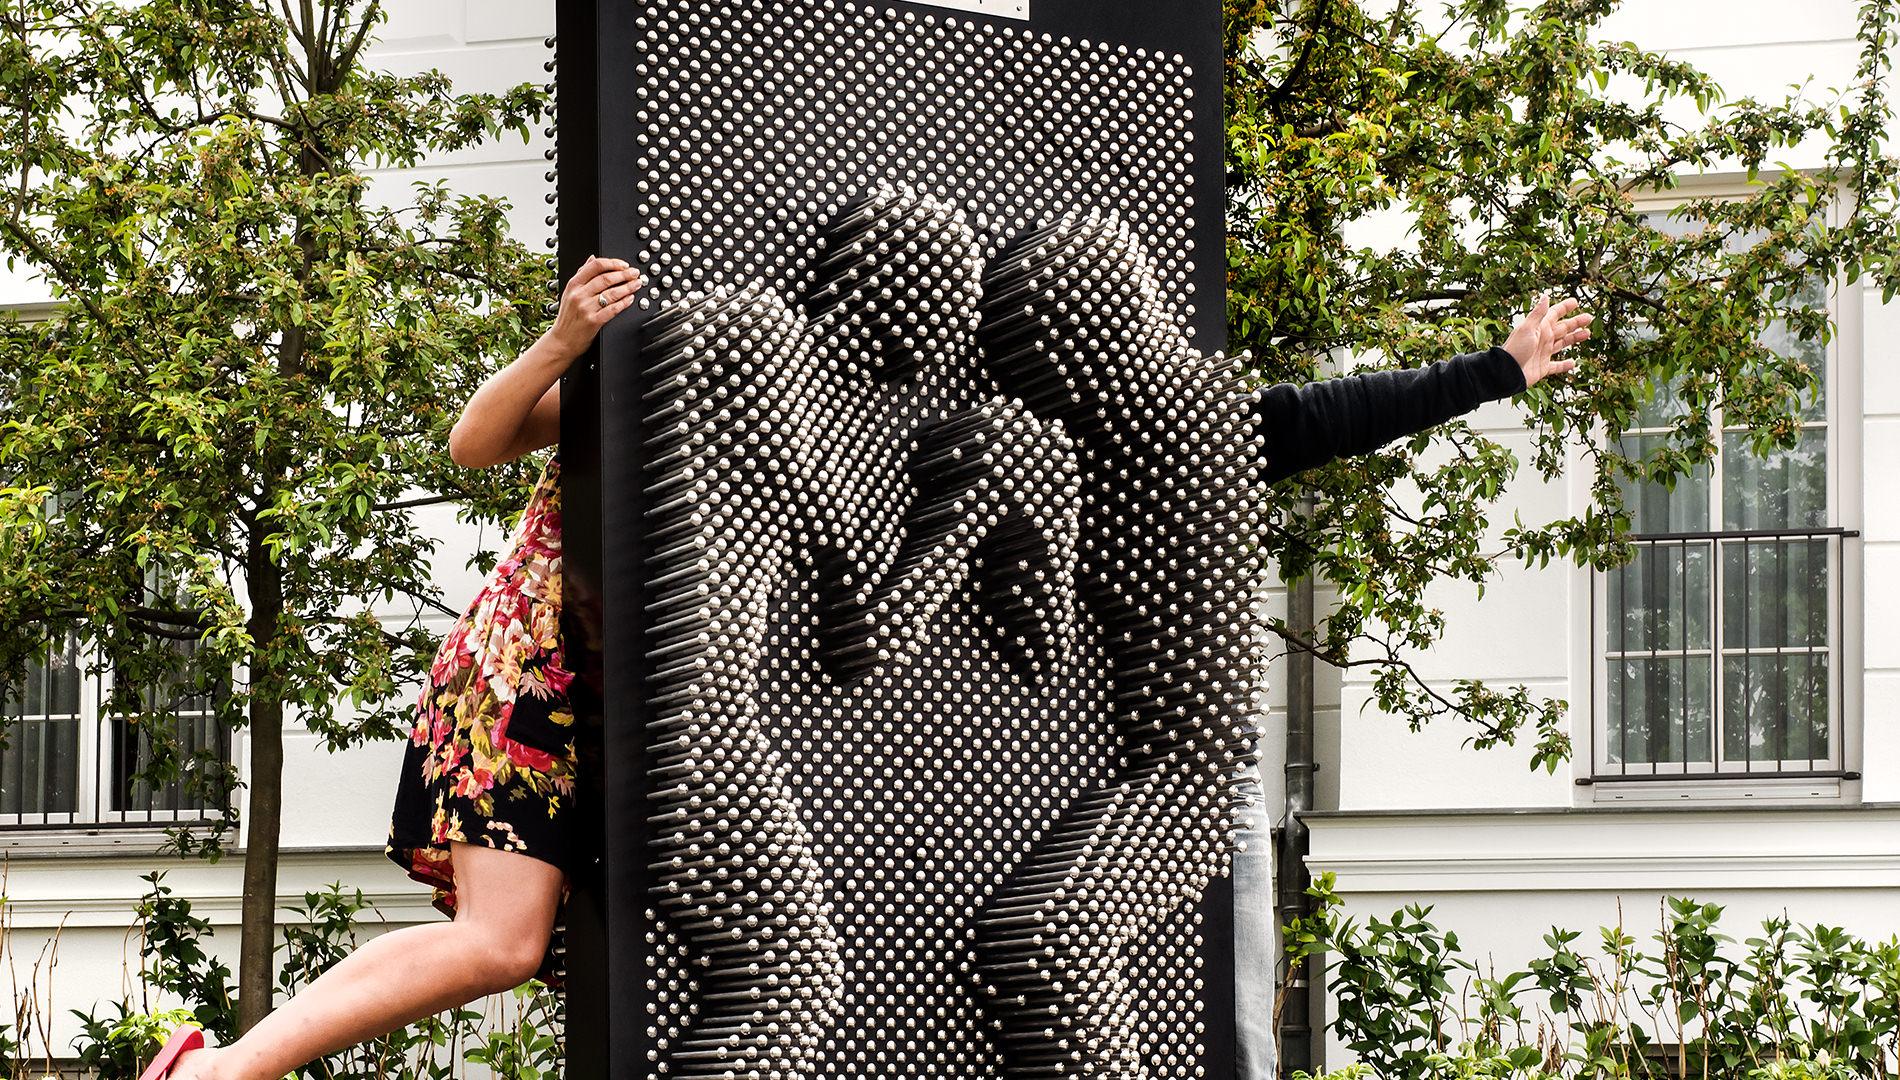 Messe Design Live Kommunikation Zingst Fotokunstpfad PinUp Going Places EventLabs